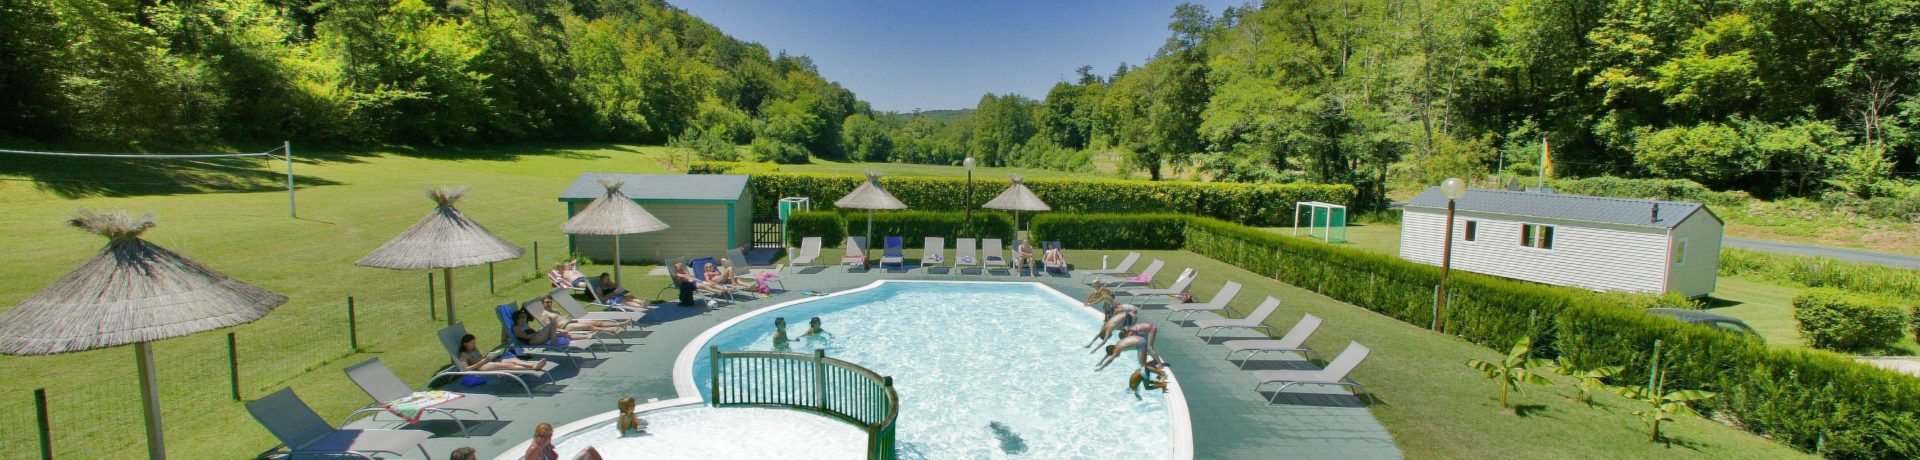 De prachtige camping Le Val de la Marquise in Campagne is een gezellige familiecamping in de Dordogne met zwembad midden in het bos van Campagne, Périgord-Noir.